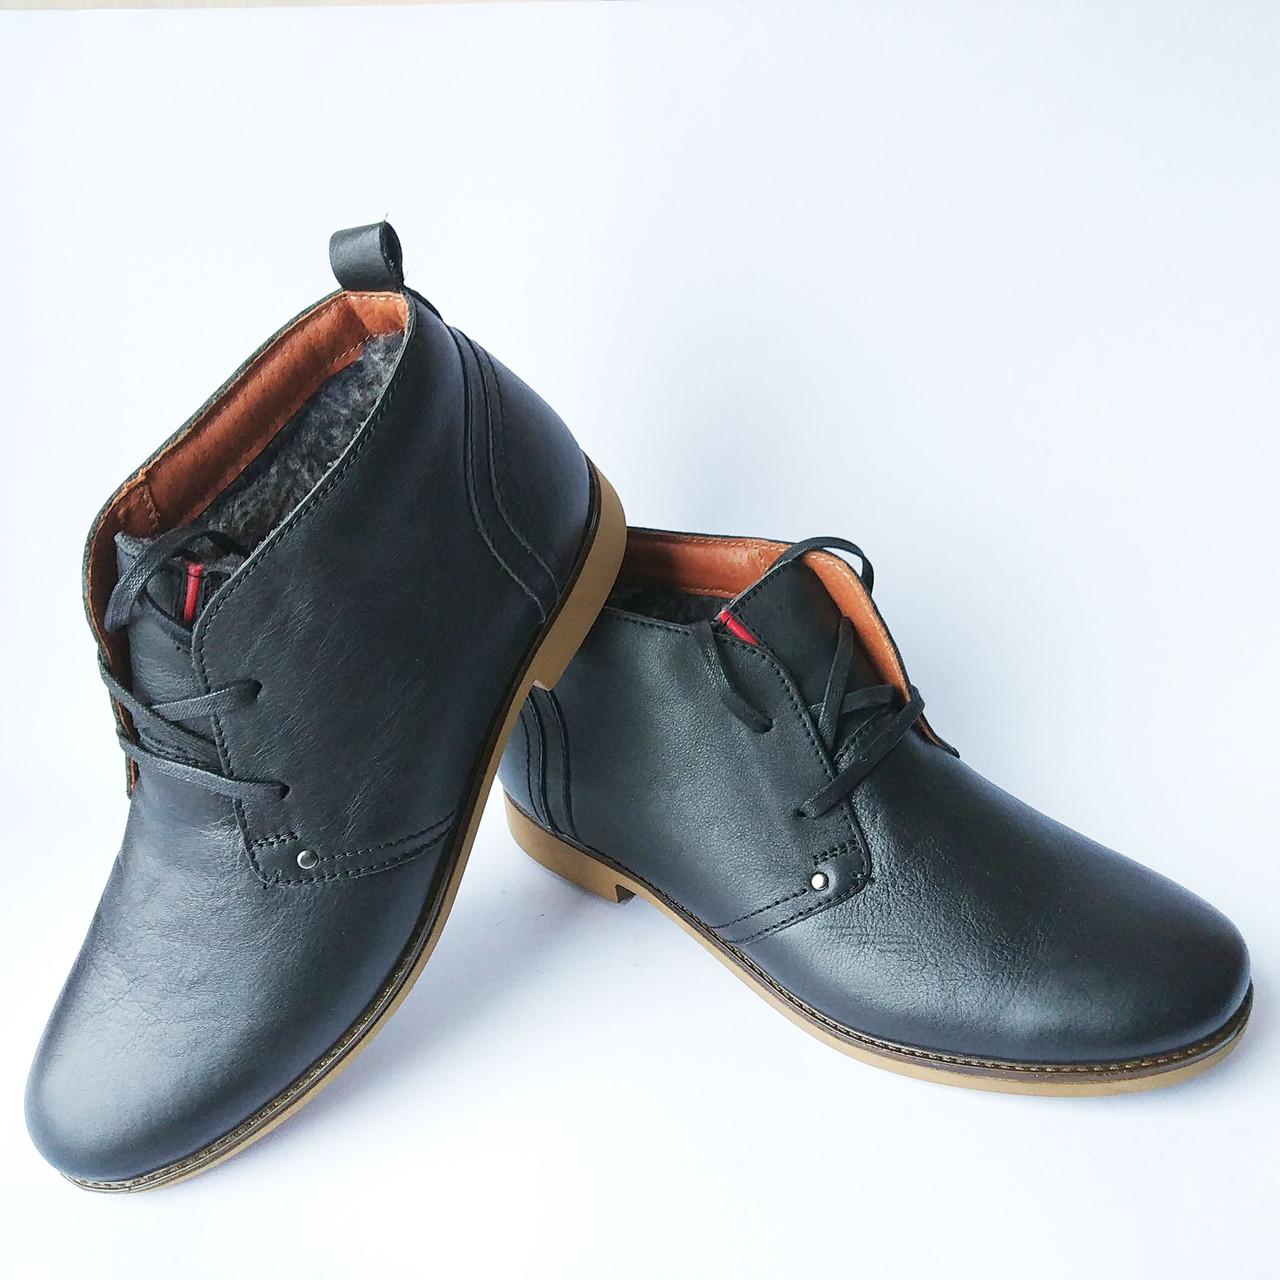 00c4340a3 Зимняя обувь от украинского производителя : мужские, кожаные ботинки,  черного цвета, на меху